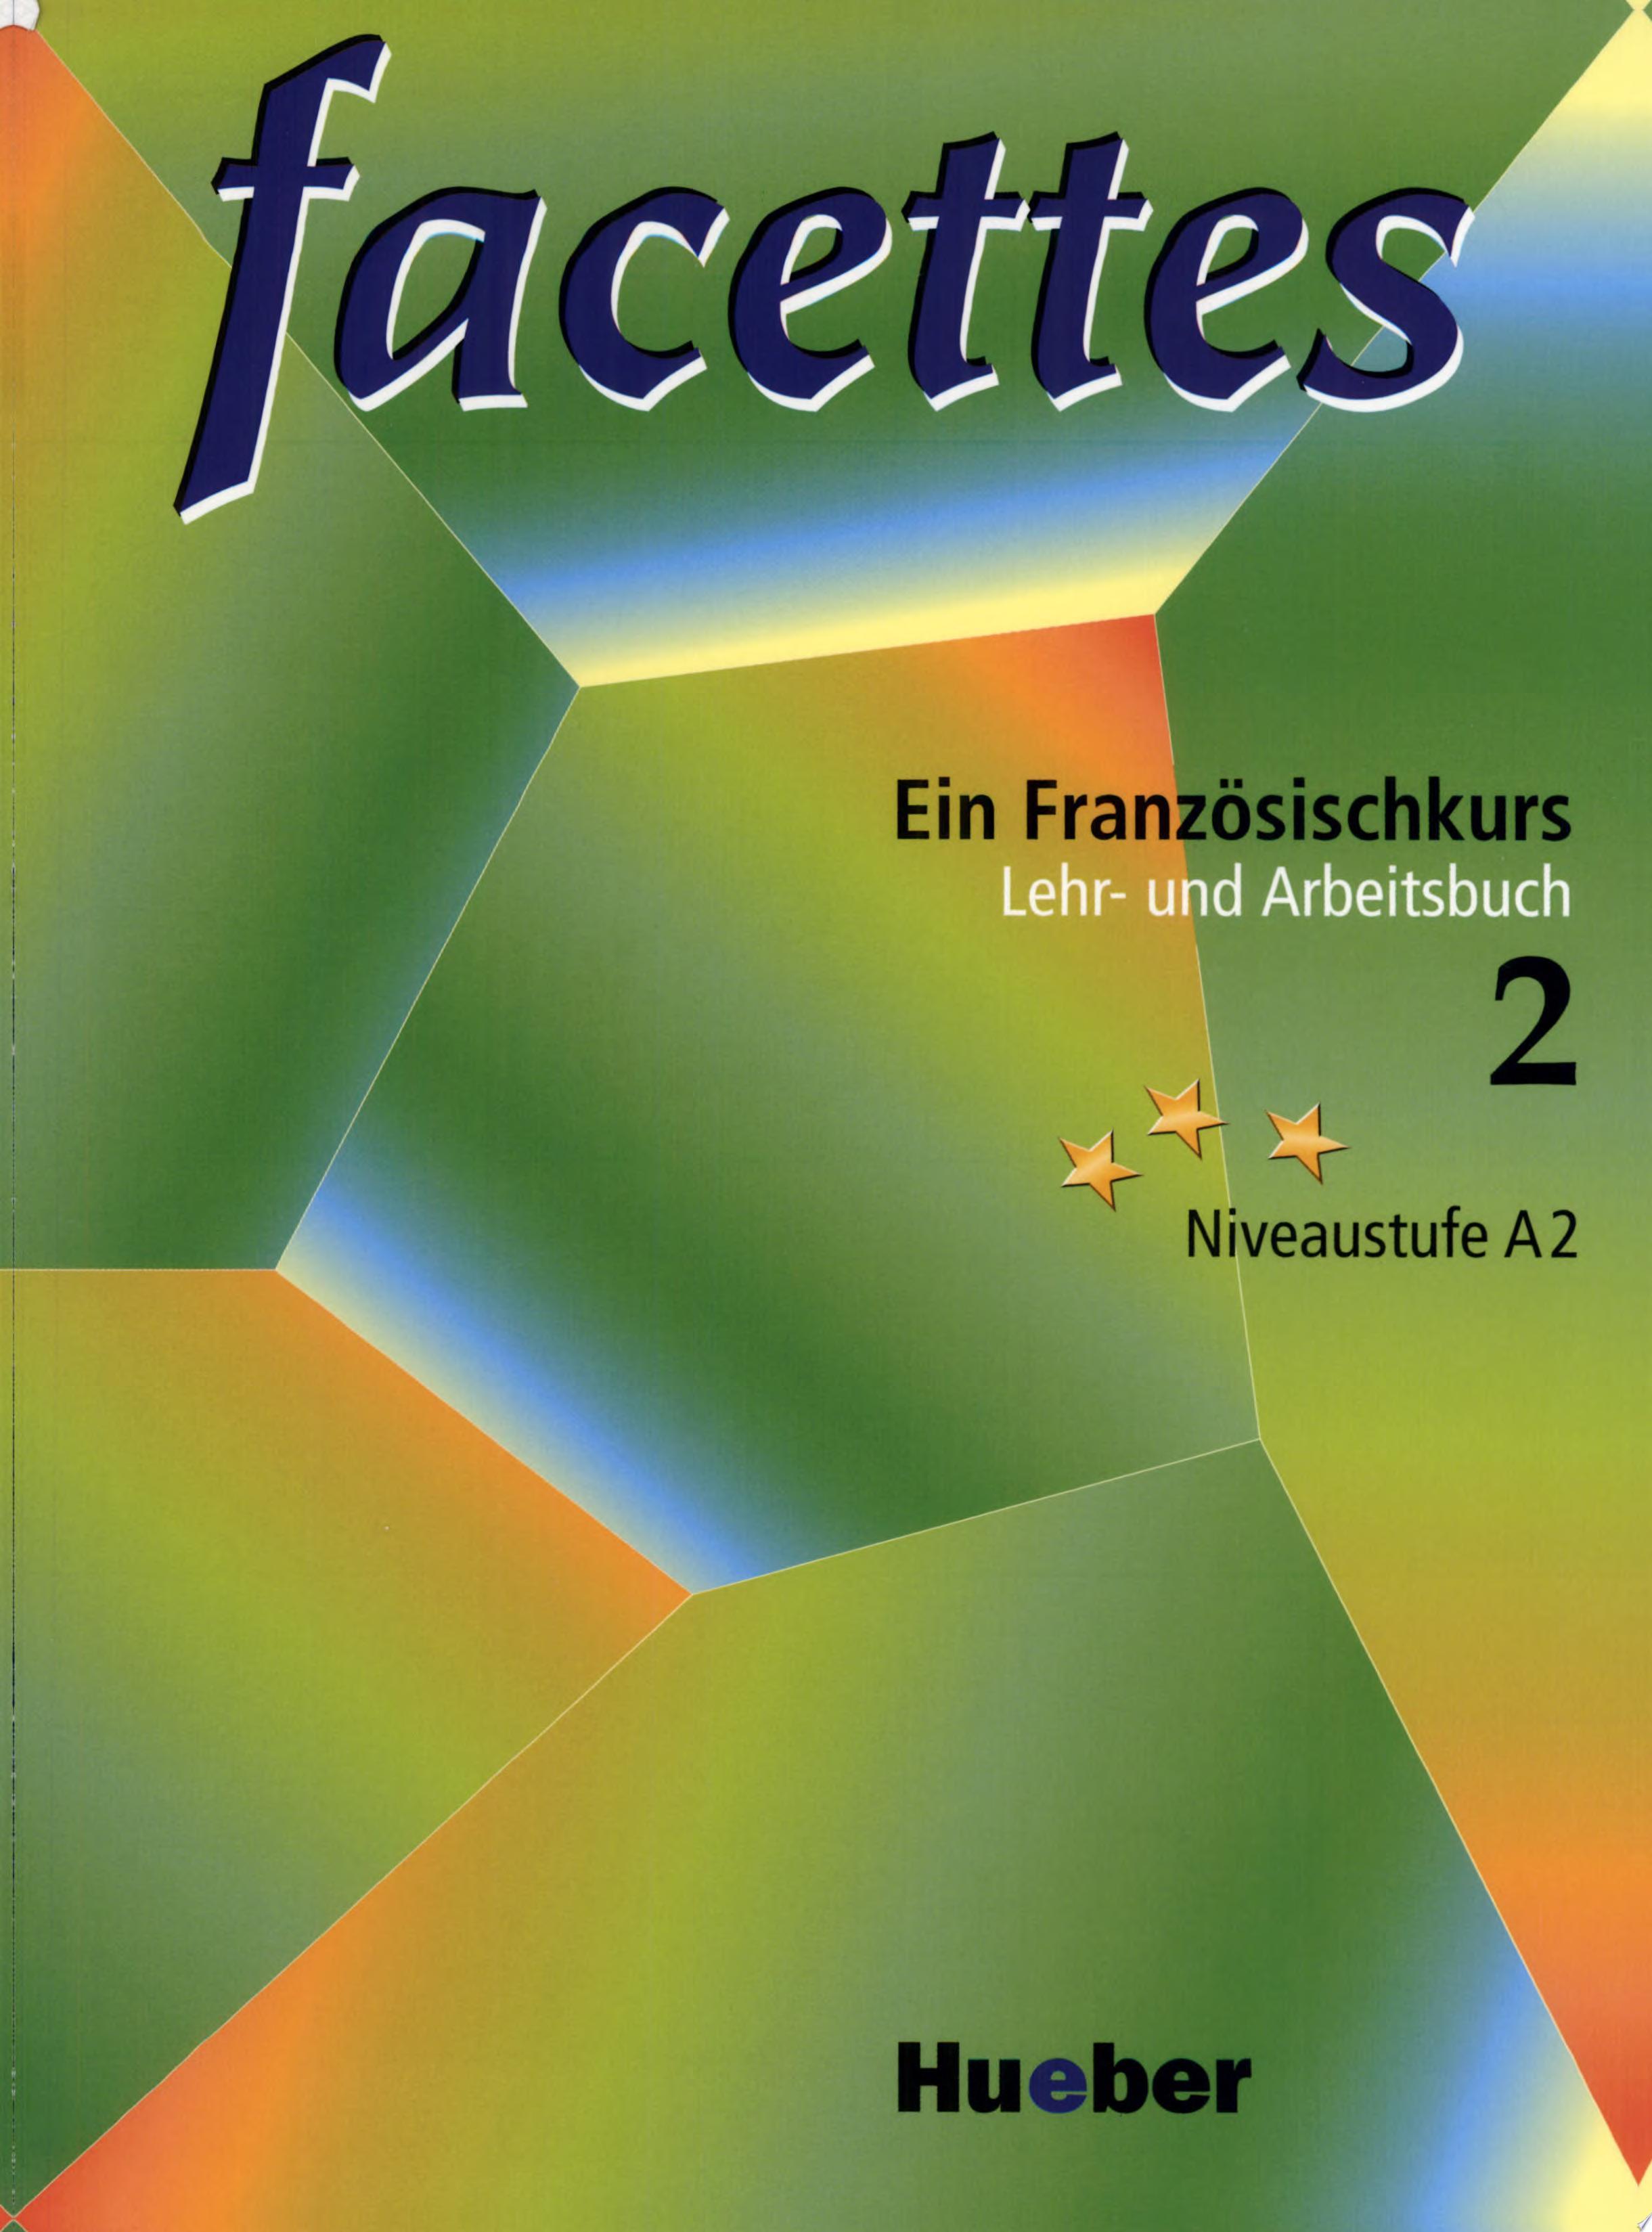 Facettes   ein Franz  sischkurs  2   Lehr  und Arbeitsbuch